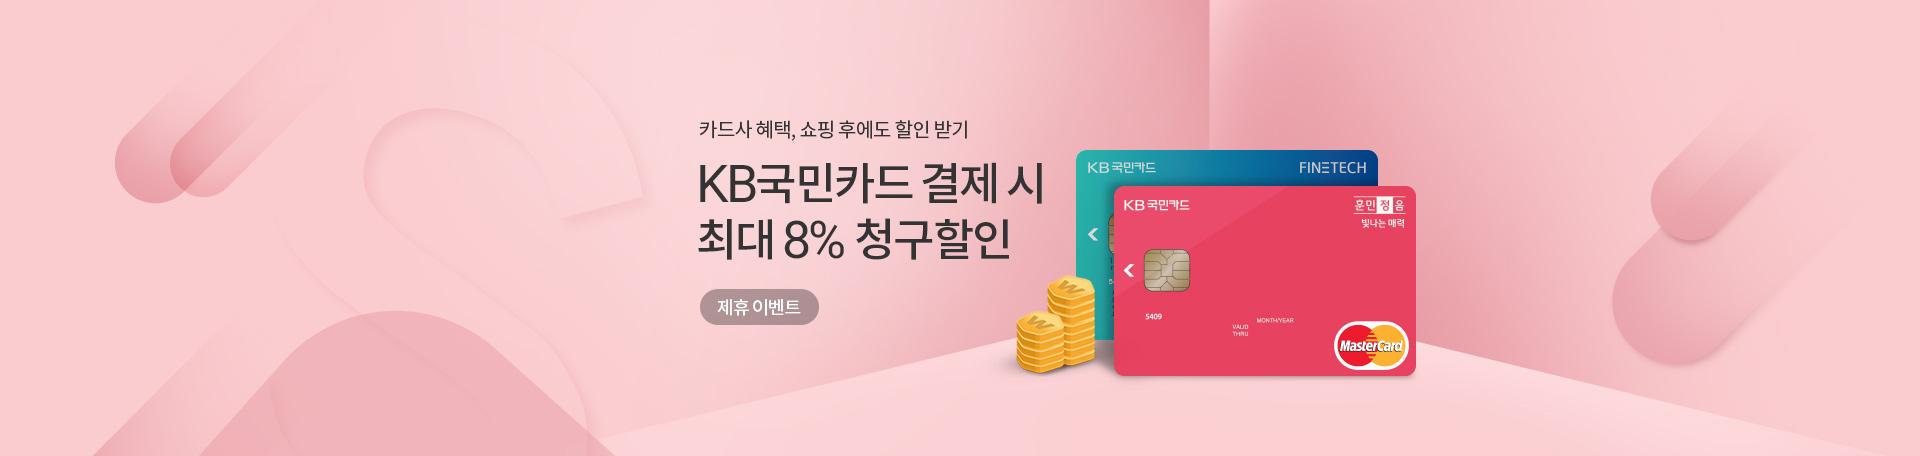 KB국민 8% 청구할인